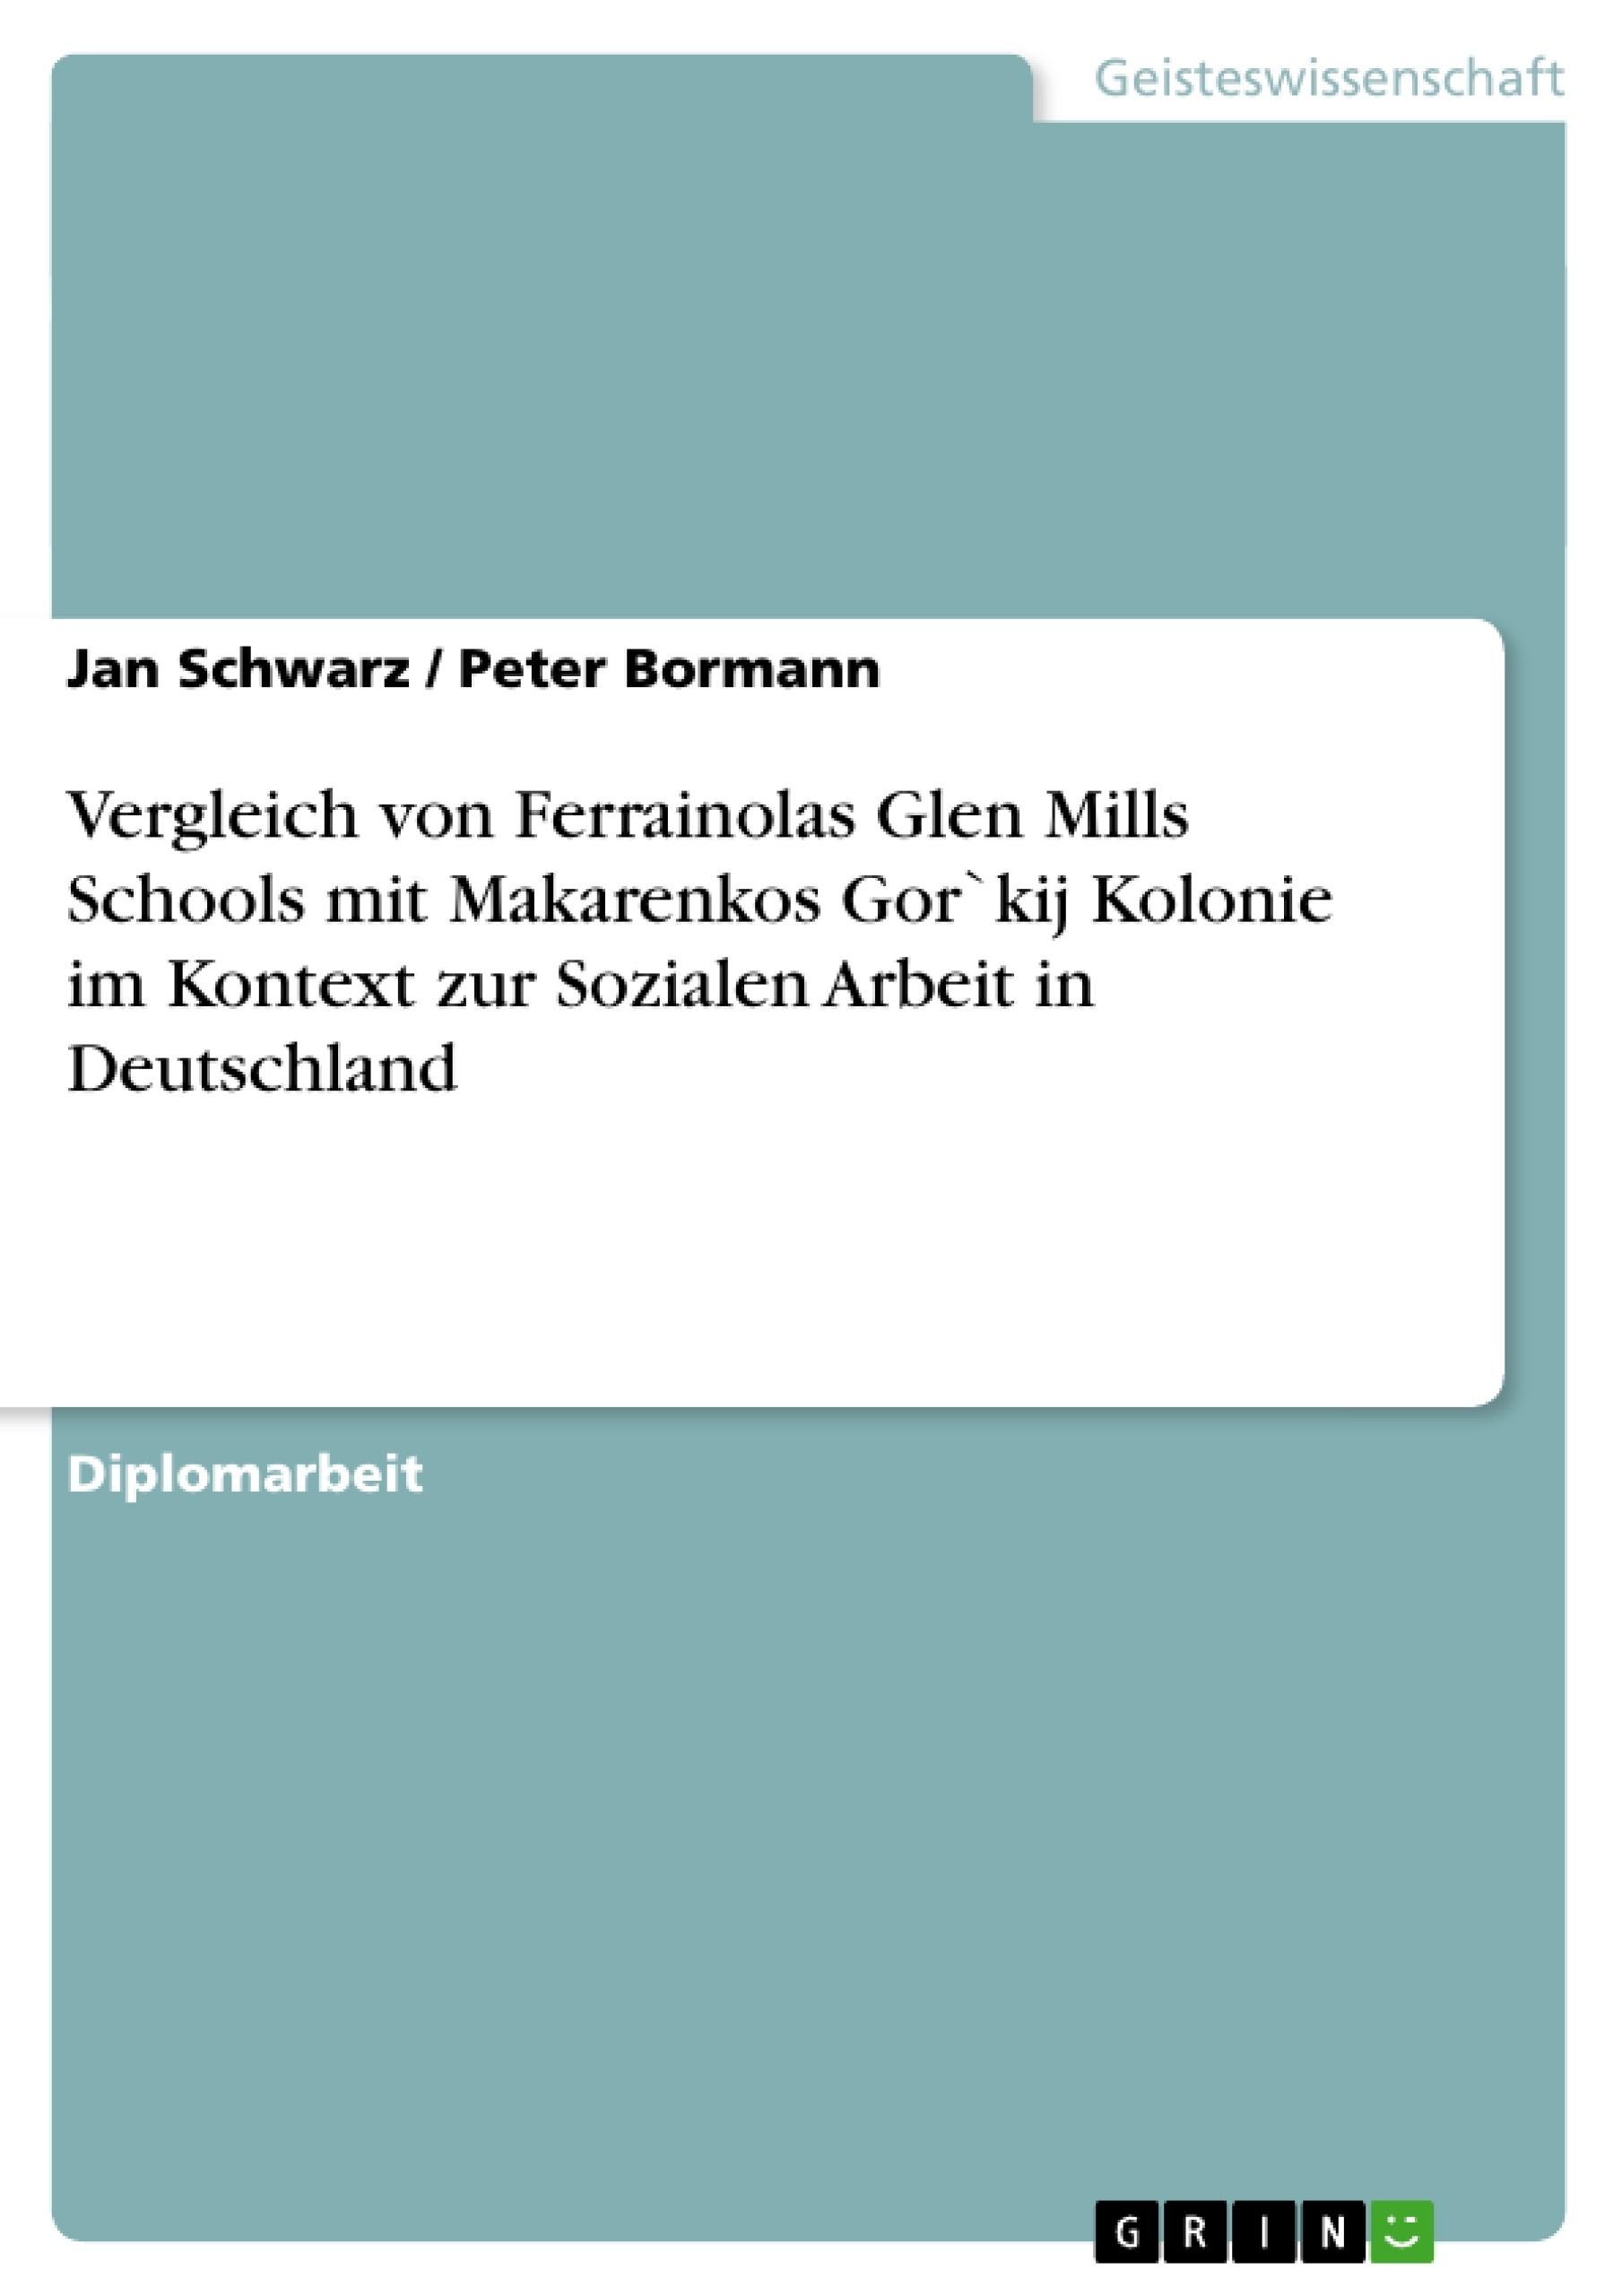 Titel: Vergleich von Ferrainolas Glen Mills Schools mit Makarenkos Gor`kij Kolonie im Kontext zur Sozialen Arbeit in Deutschland